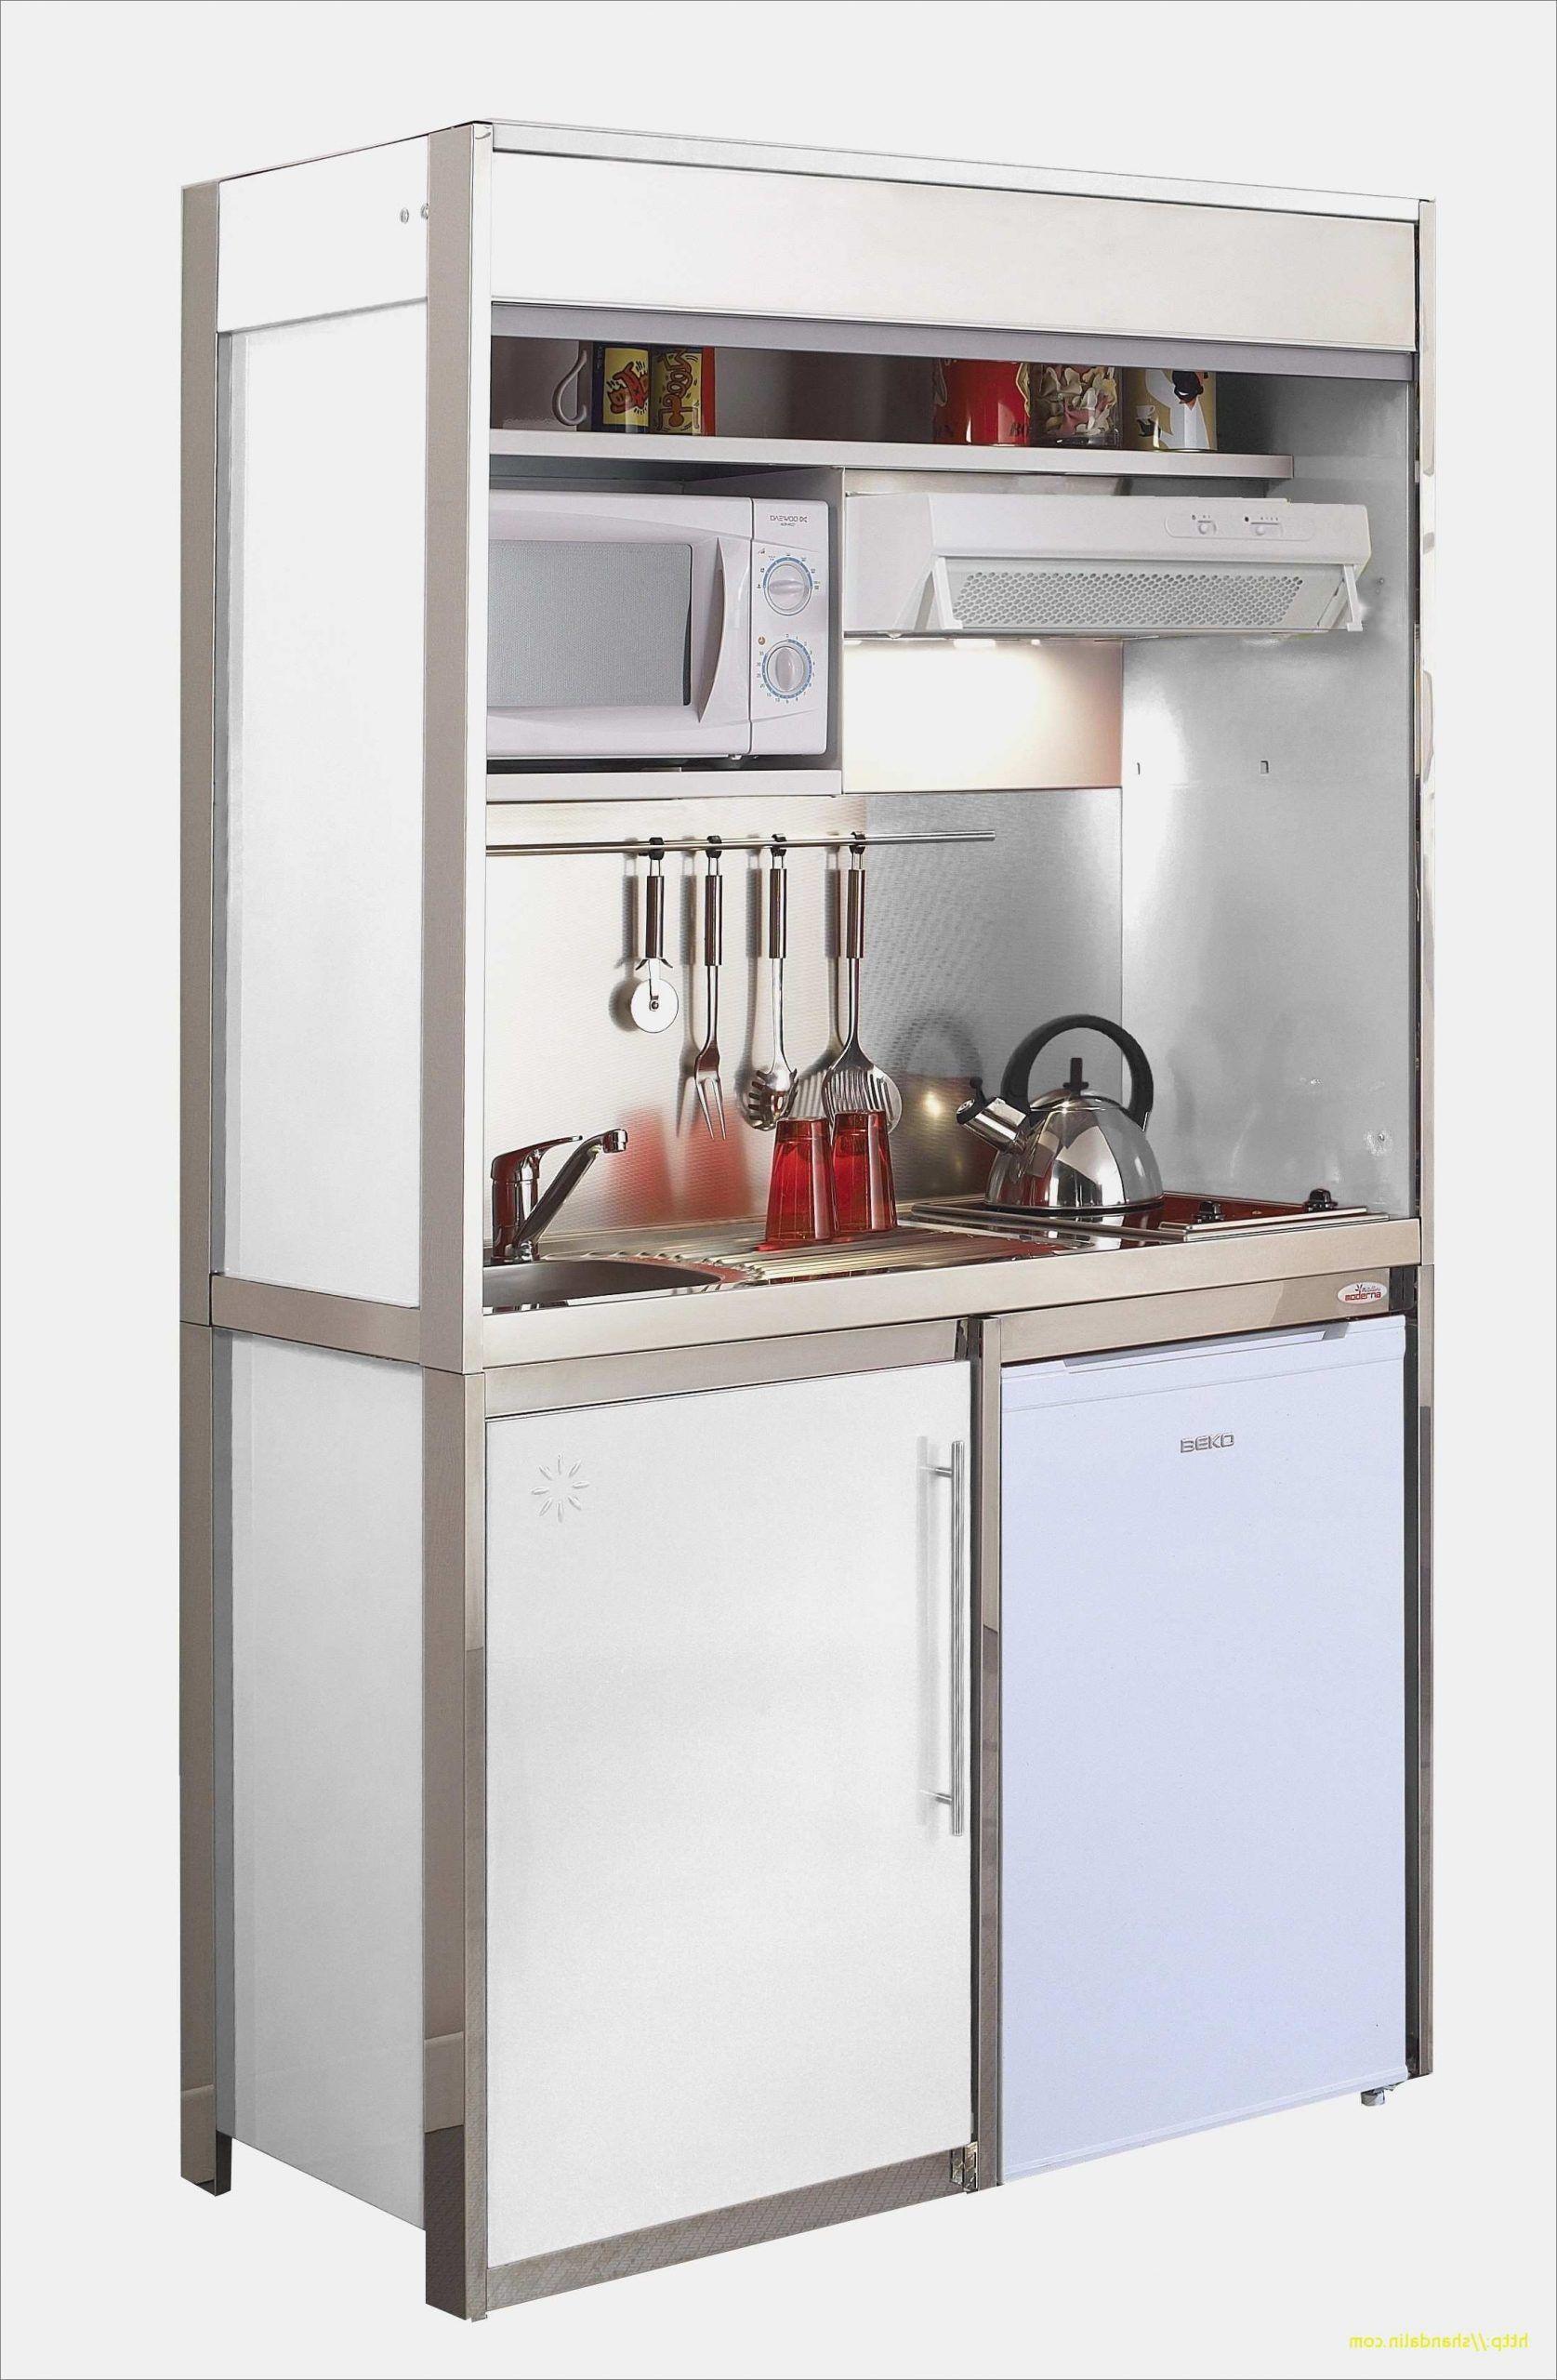 Kochnische Fur Studio Ikea Belle Mit In 2020 Studio Kitchenette Kitchenette Kitchen Remodel Small